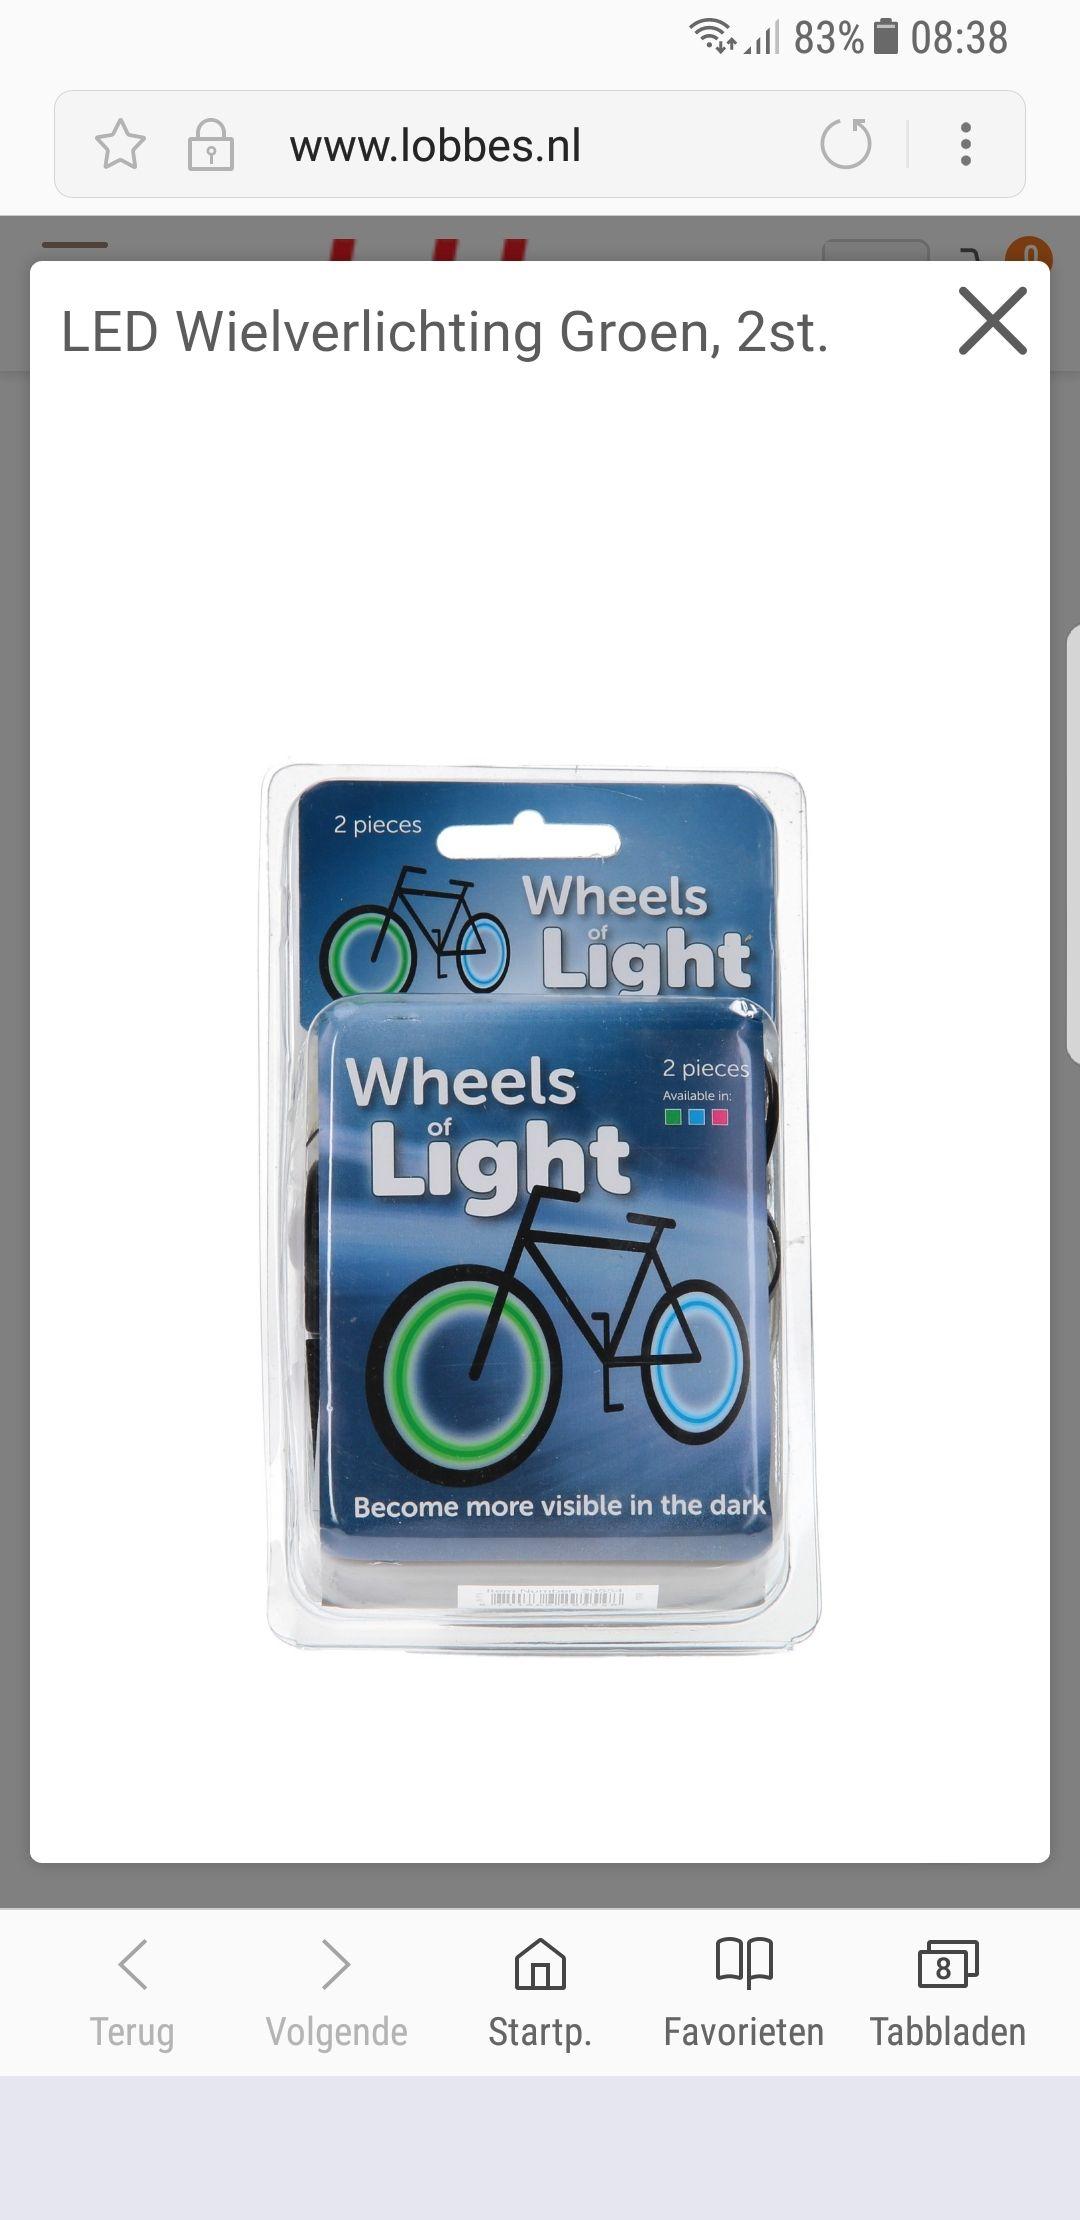 Wiel lichten voor je fiets bij Lobbes.nl